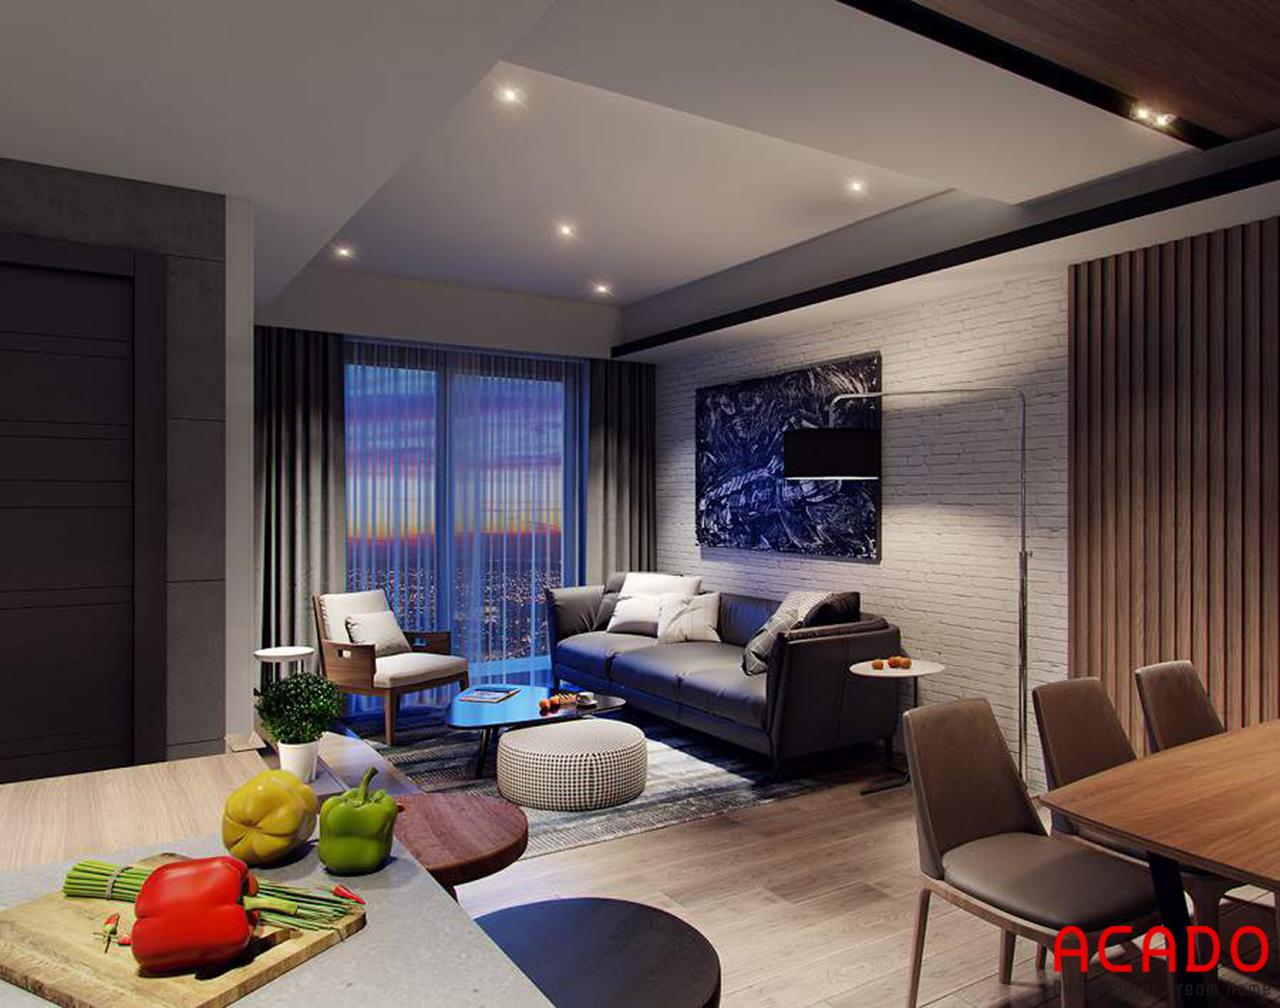 Phòng khách căn hộ chung cư 60m2 được ACADO lên thiết kế đầy đủ tiện nghi với bộ sofa sang trọng